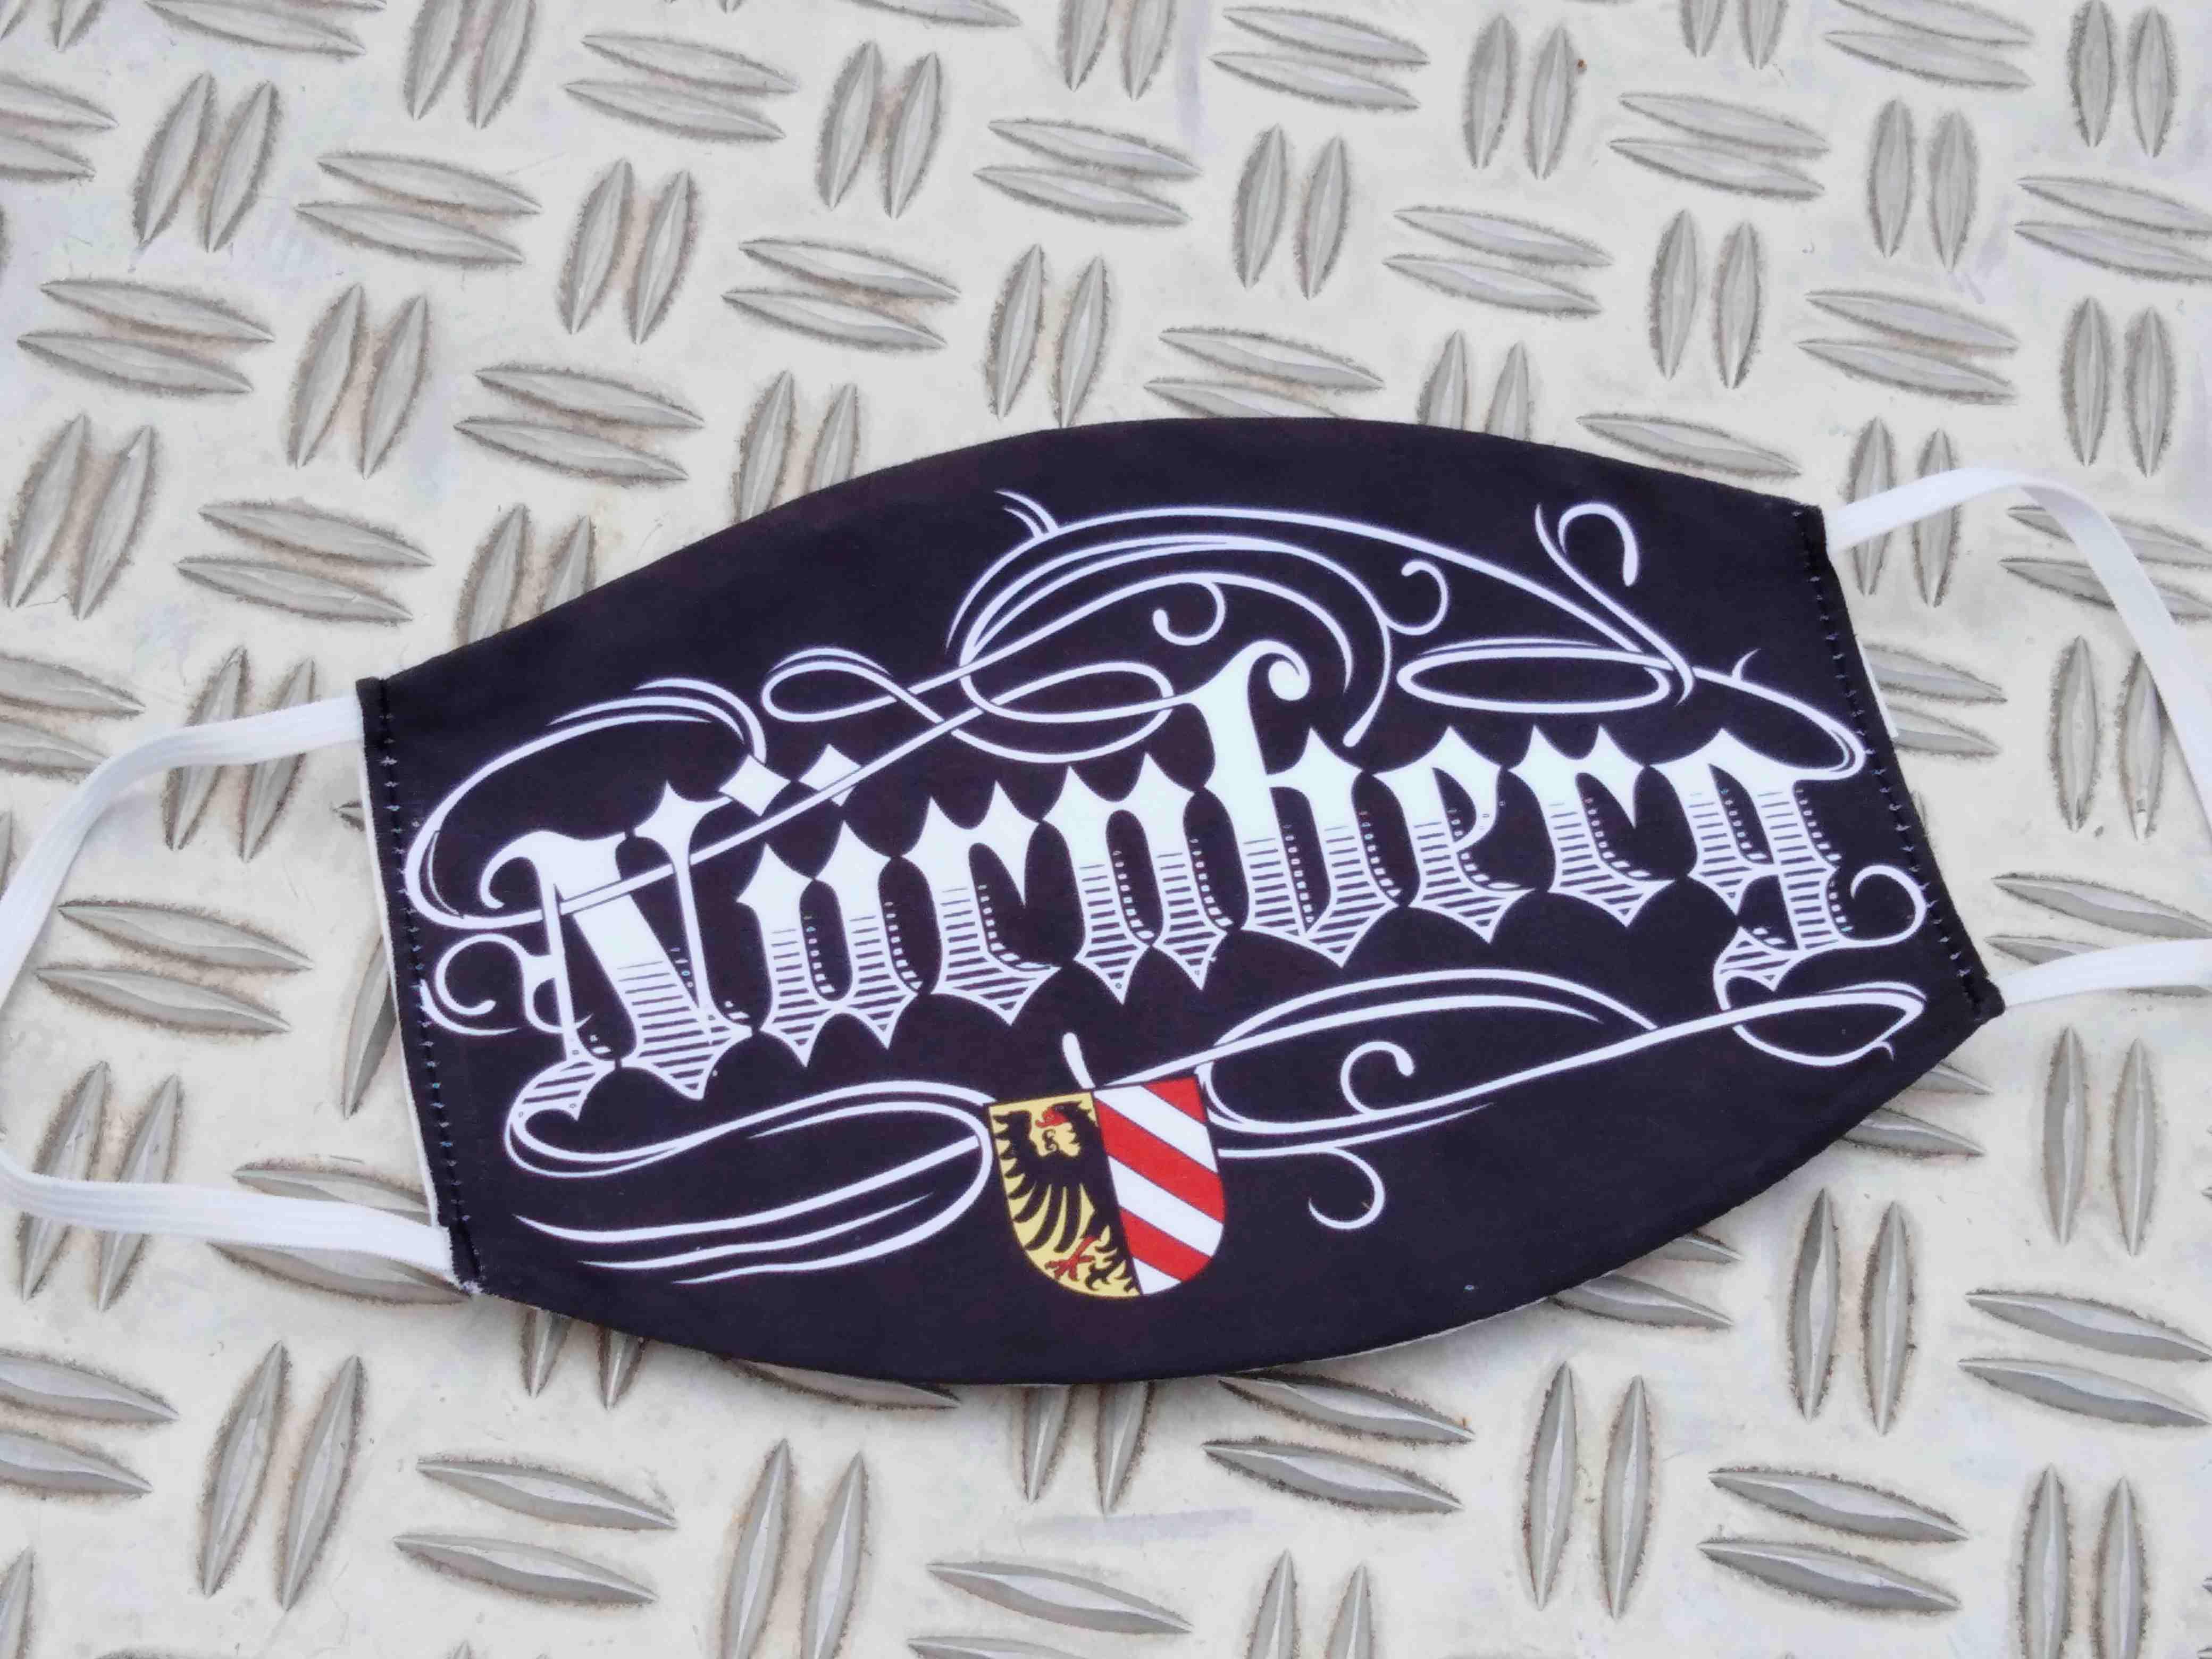 Gesichtsmaske für Glubberer Nürnberg Tattoo Style Herrengröß